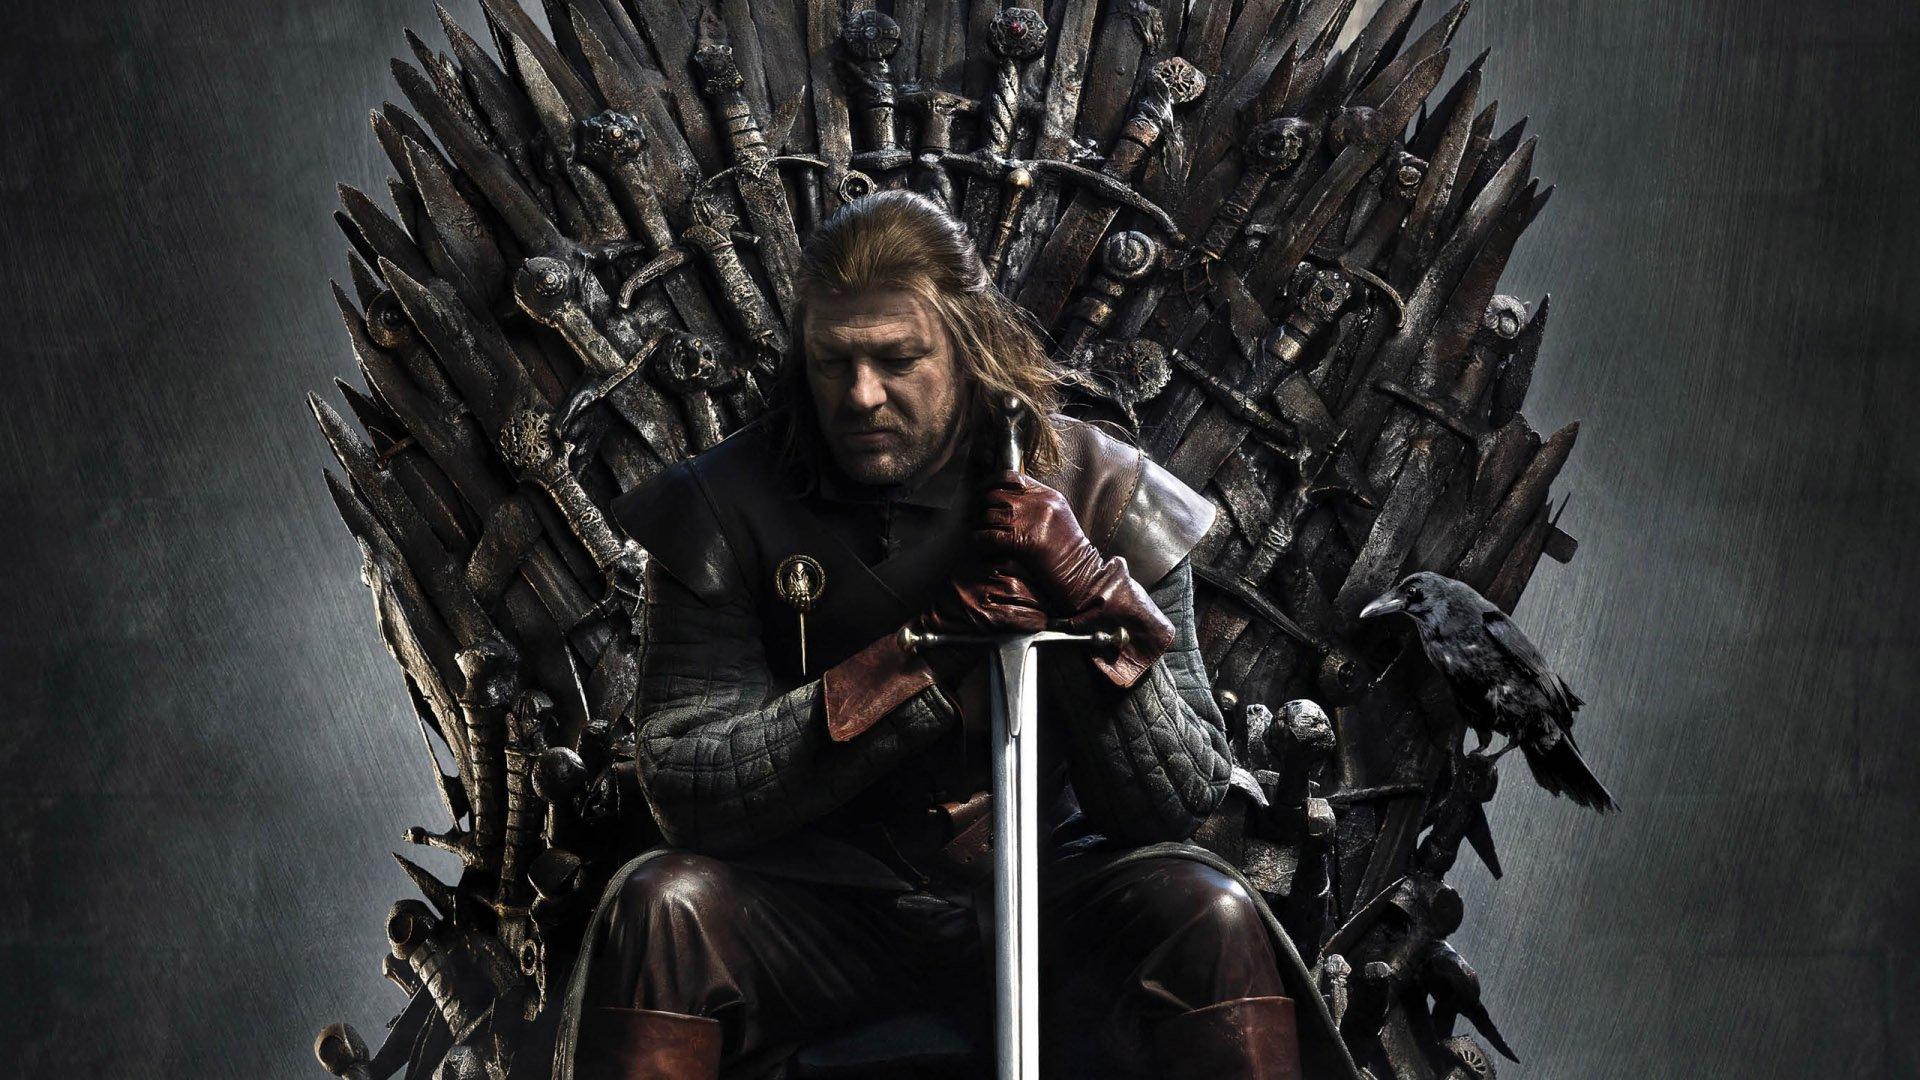 Финальный сезон Игры престолов выйдет на экраны в 2019 году